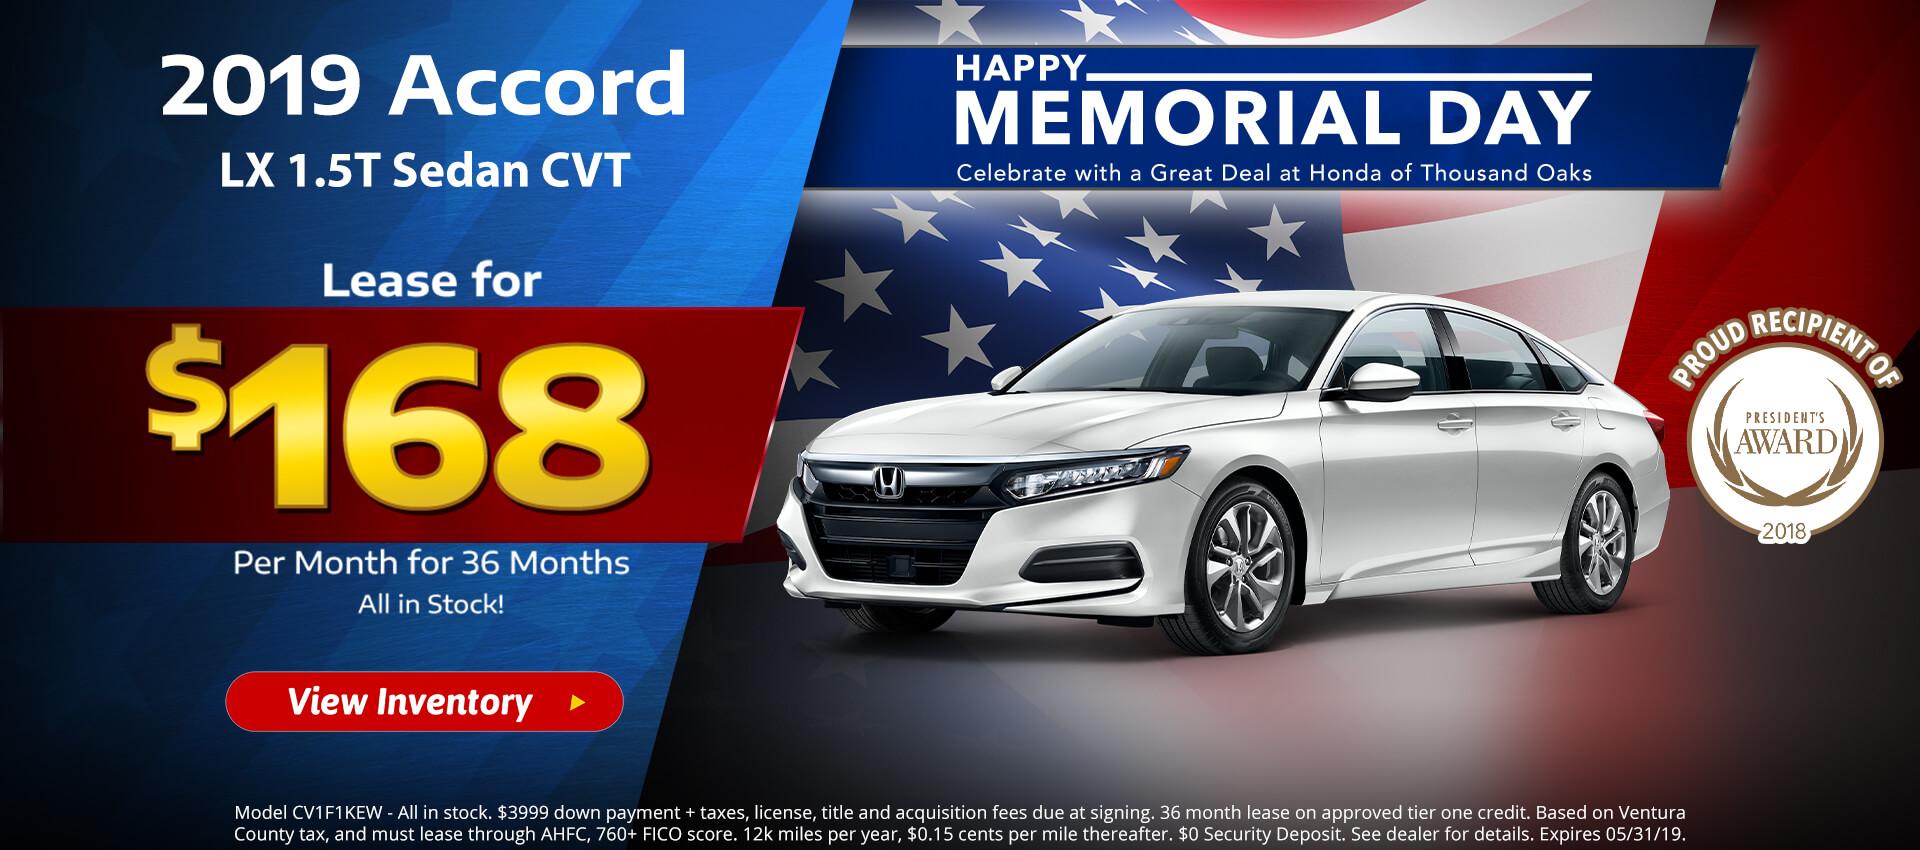 Honda Accord $168 Lease